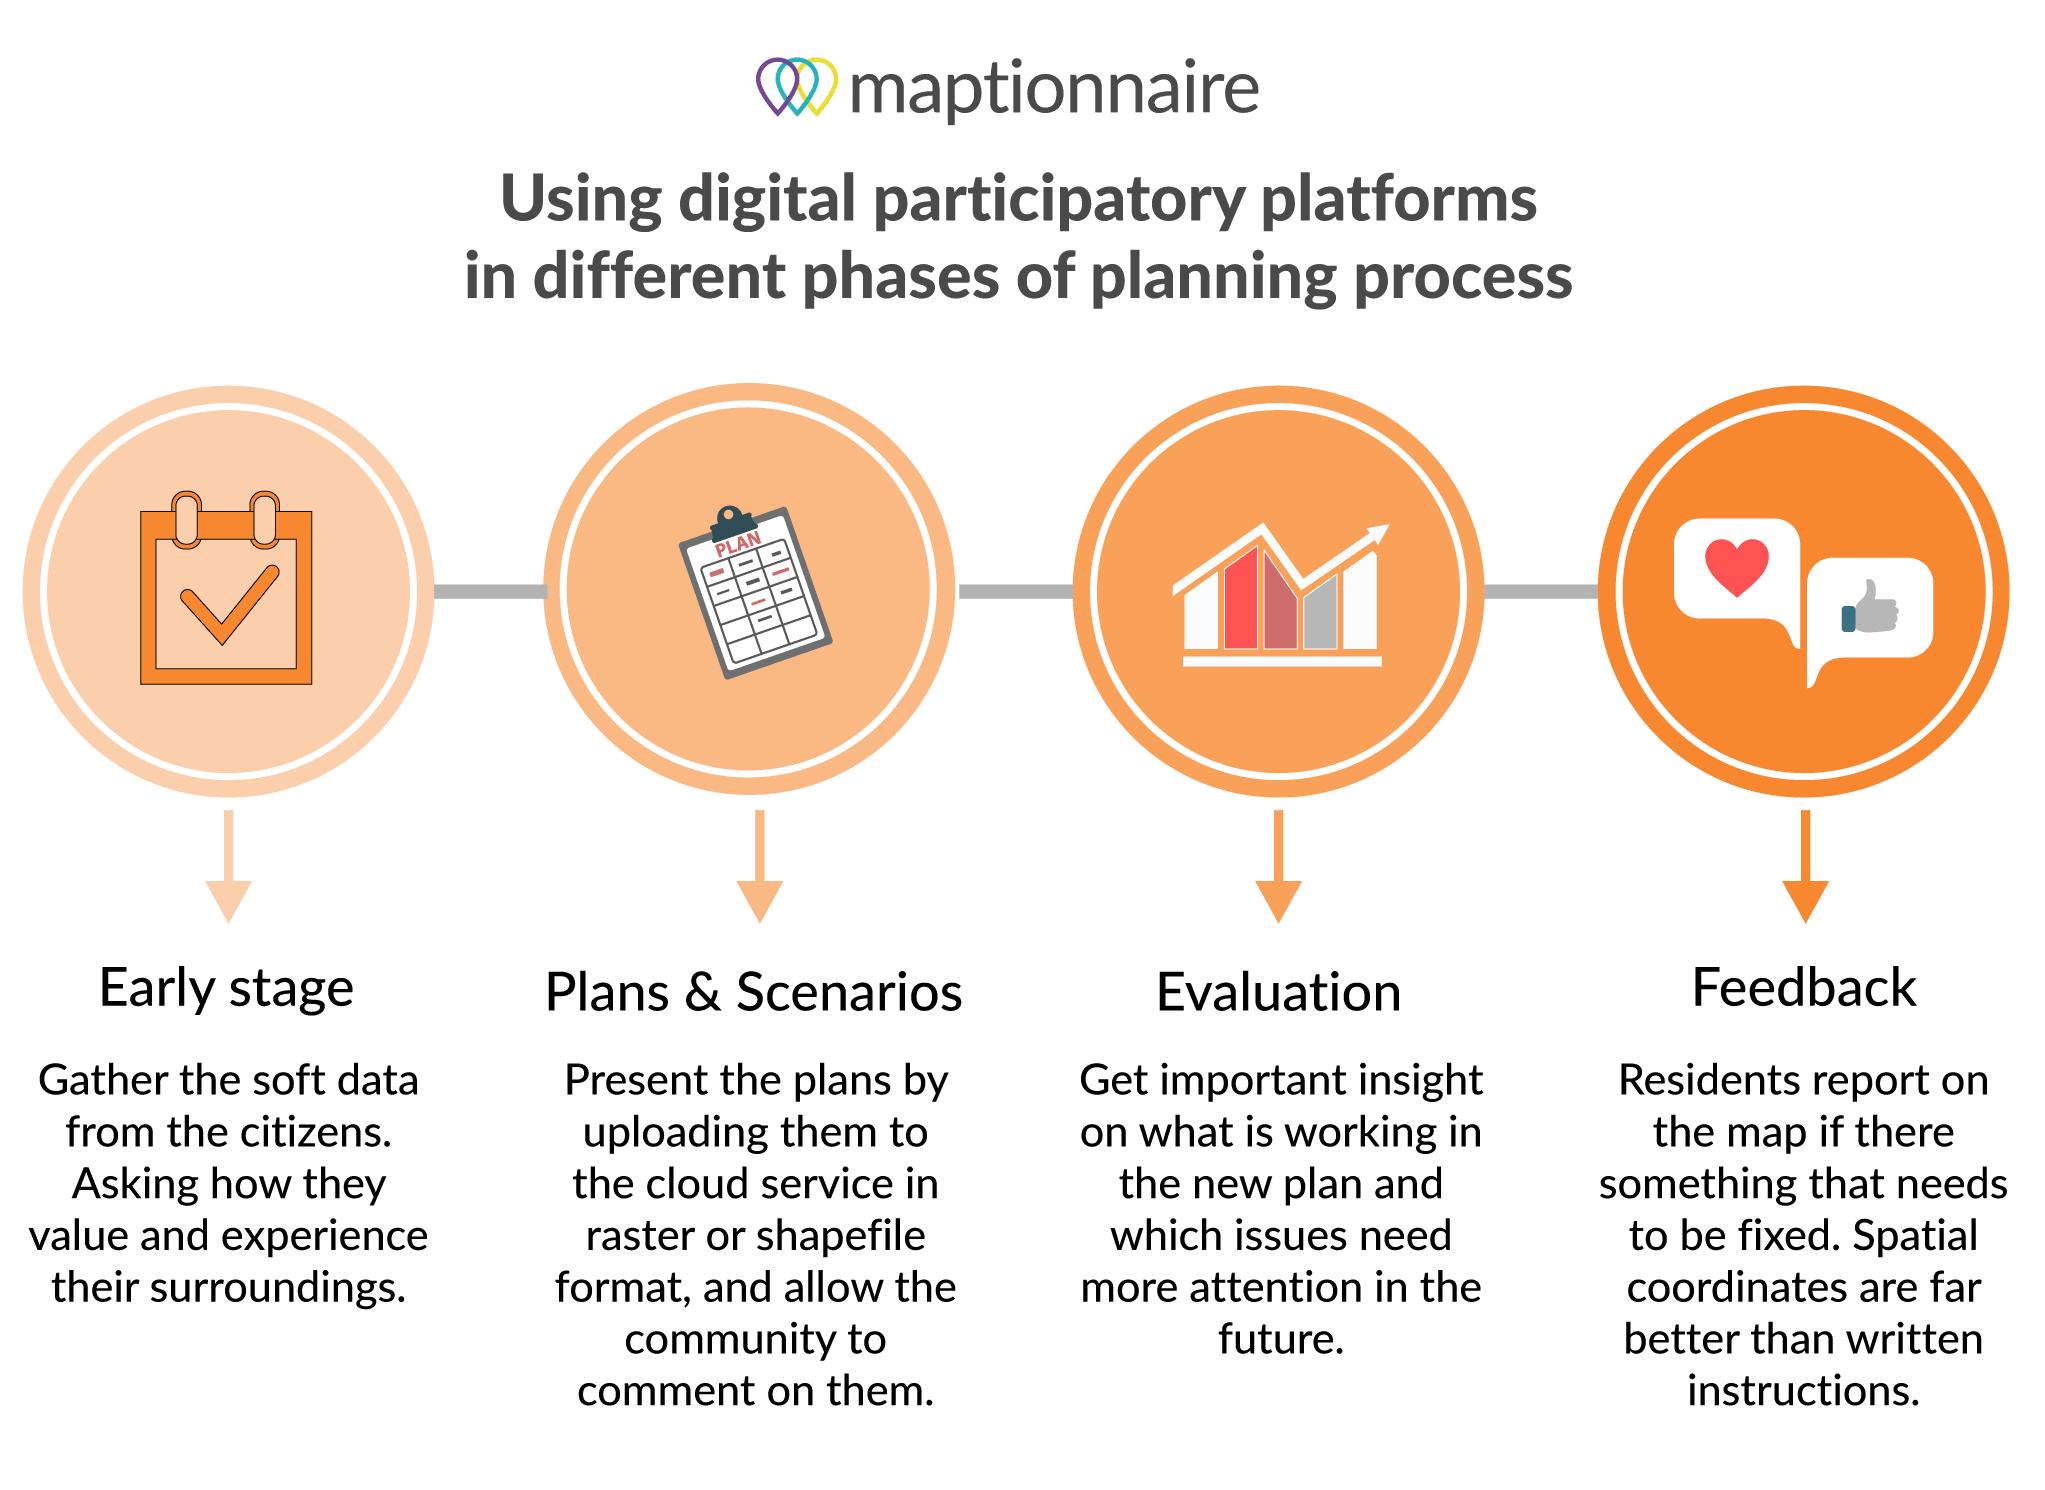 Digital Participatory Platform - Maptionnaire - Stages